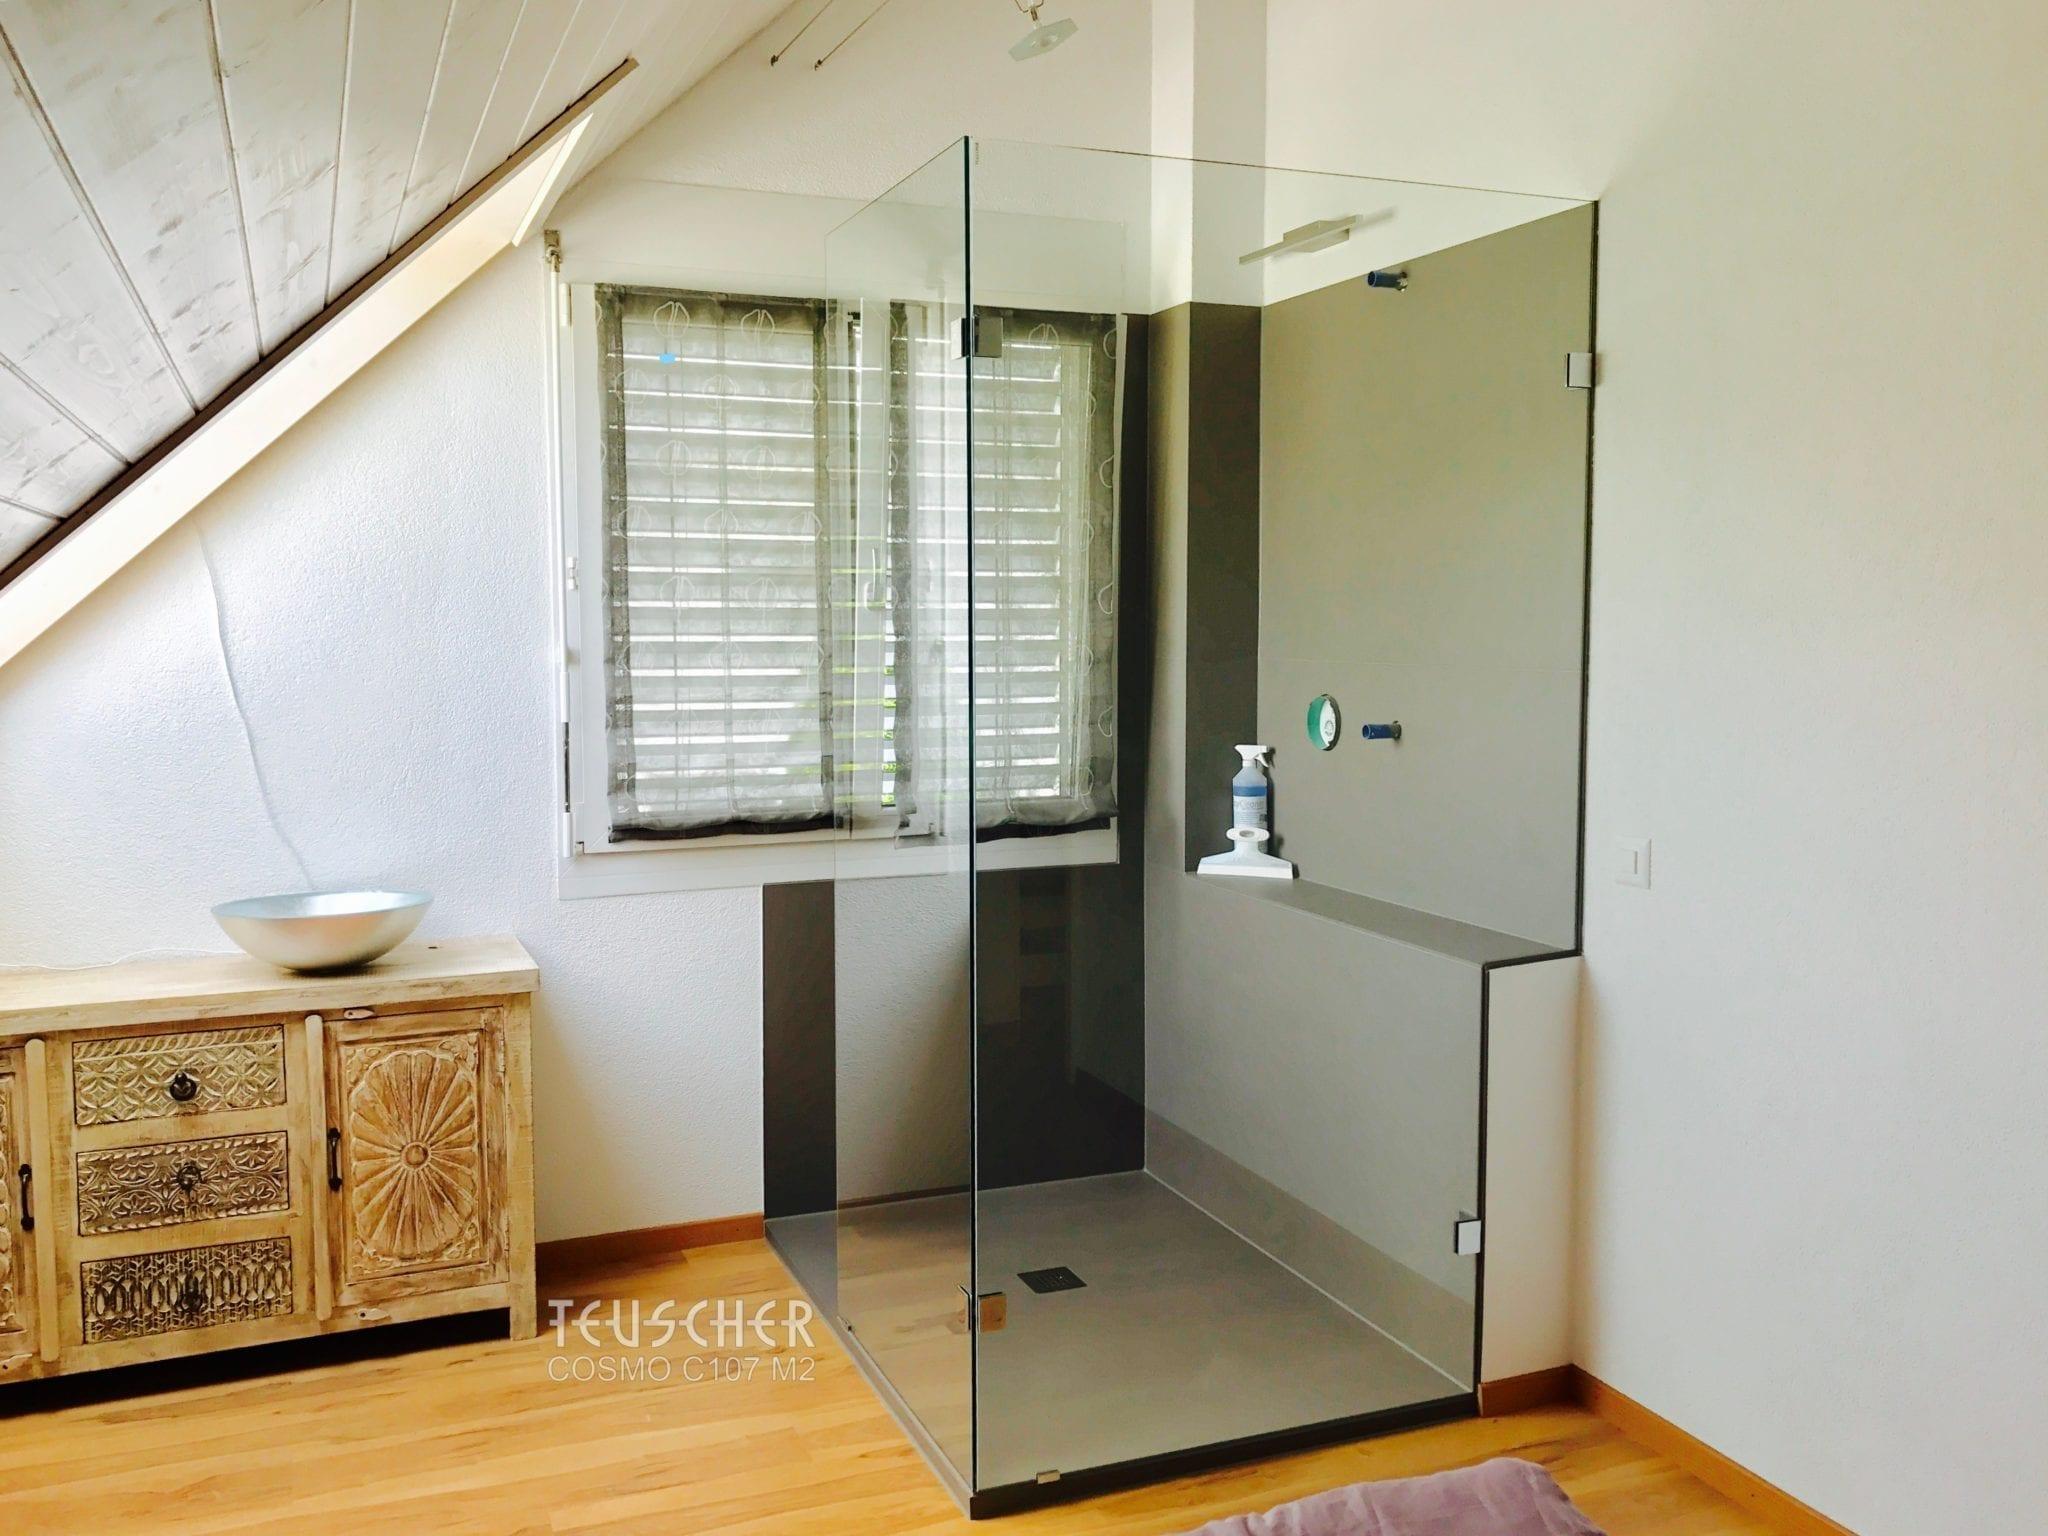 Modernes Badezimmer im Altbau.